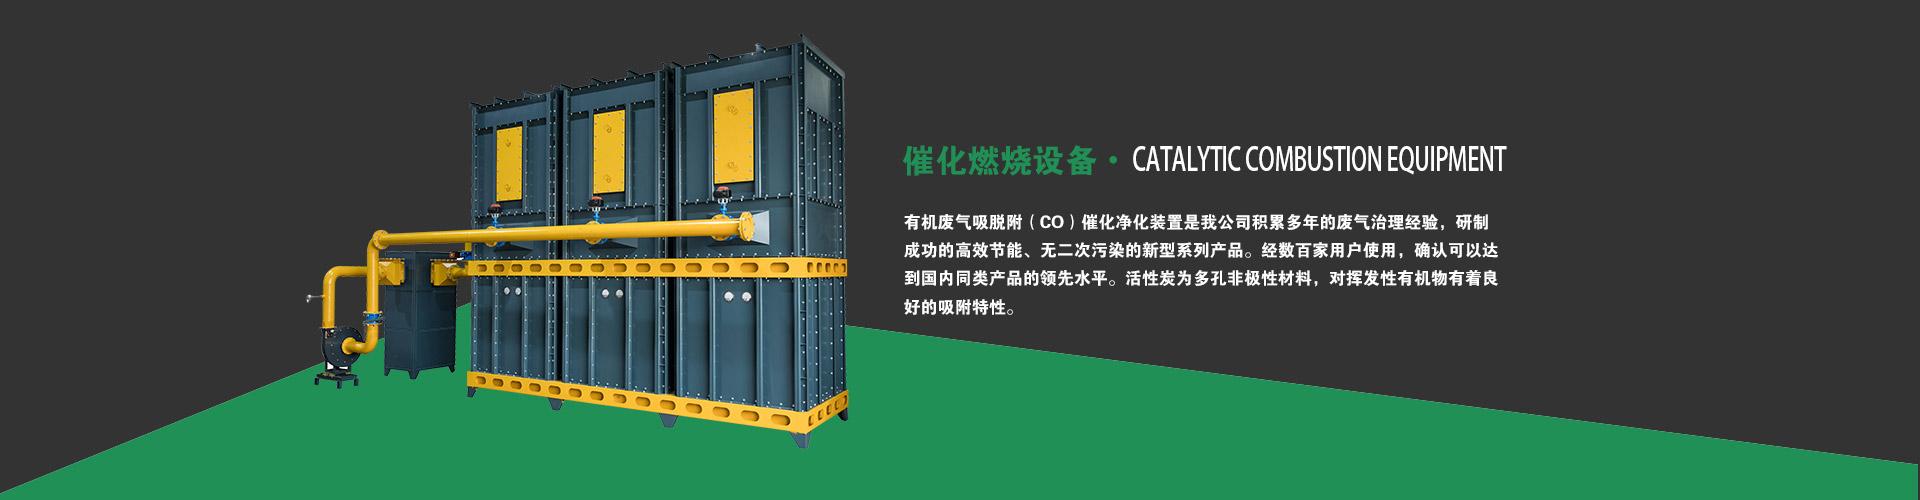 催化燃烧设备,催化燃烧装置,活性炭吸附催化燃烧设备